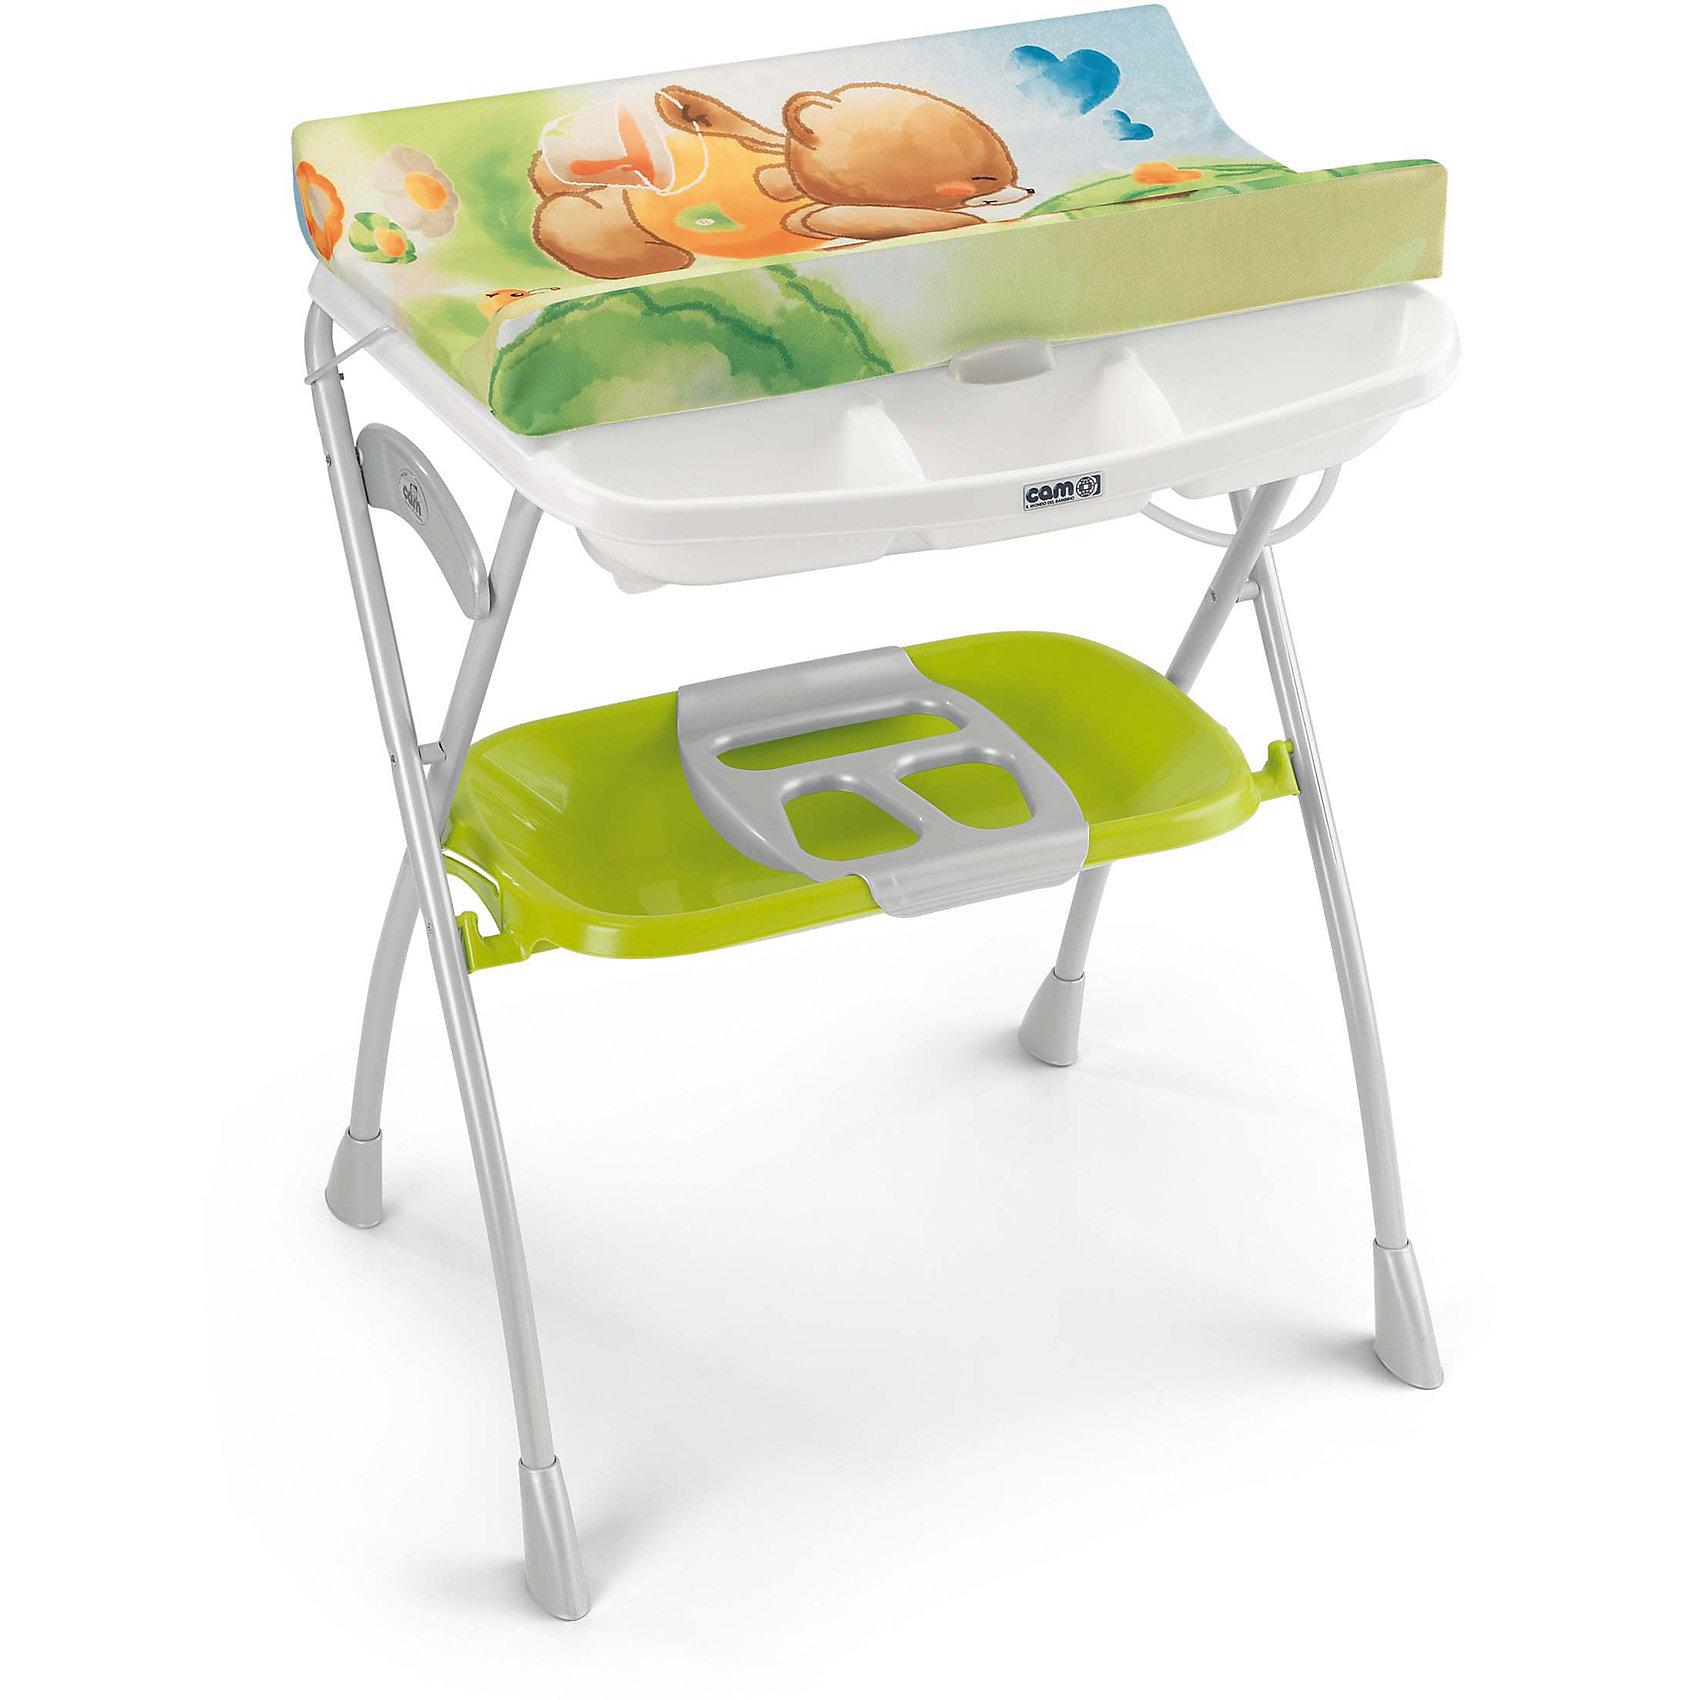 Стол для пеленания с ванночкой Volare, CAM,  мишка/зеленый